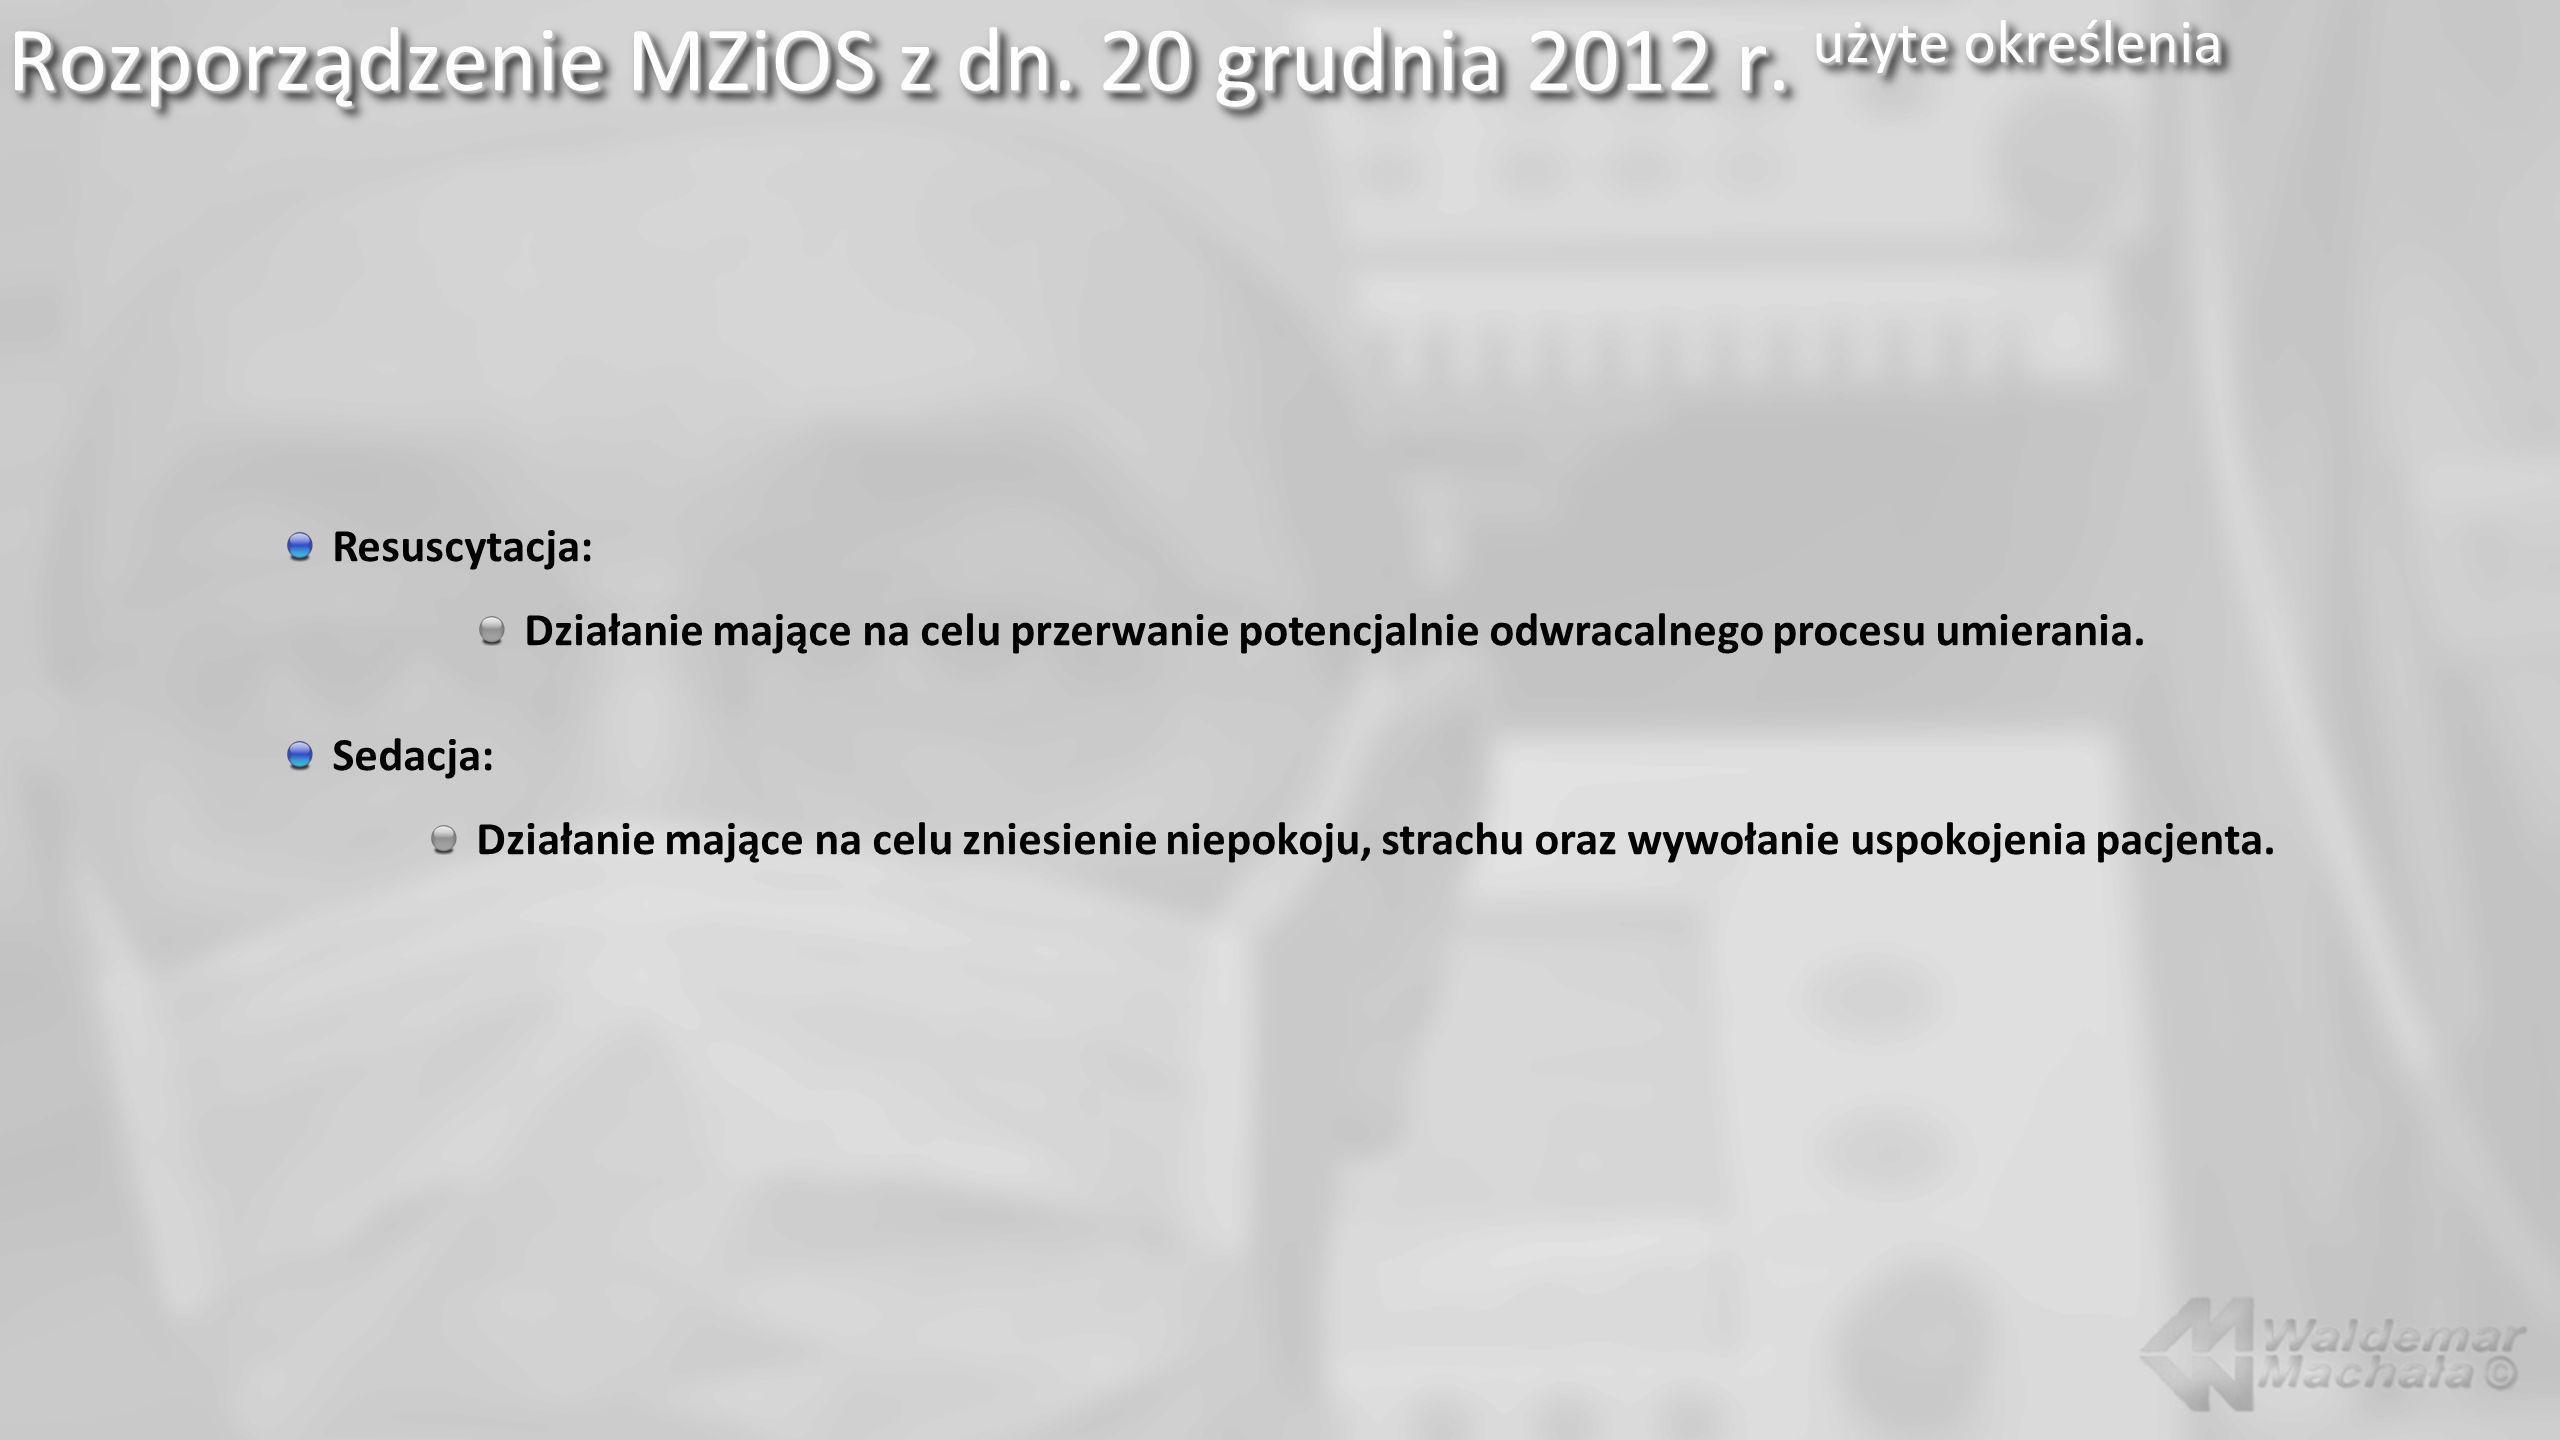 Rozporządzenie MZiOS z dn. 20 grudnia 2012 r. użyte określenia Resuscytacja: Działanie mające na celu przerwanie potencjalnie odwracalnego procesu umi